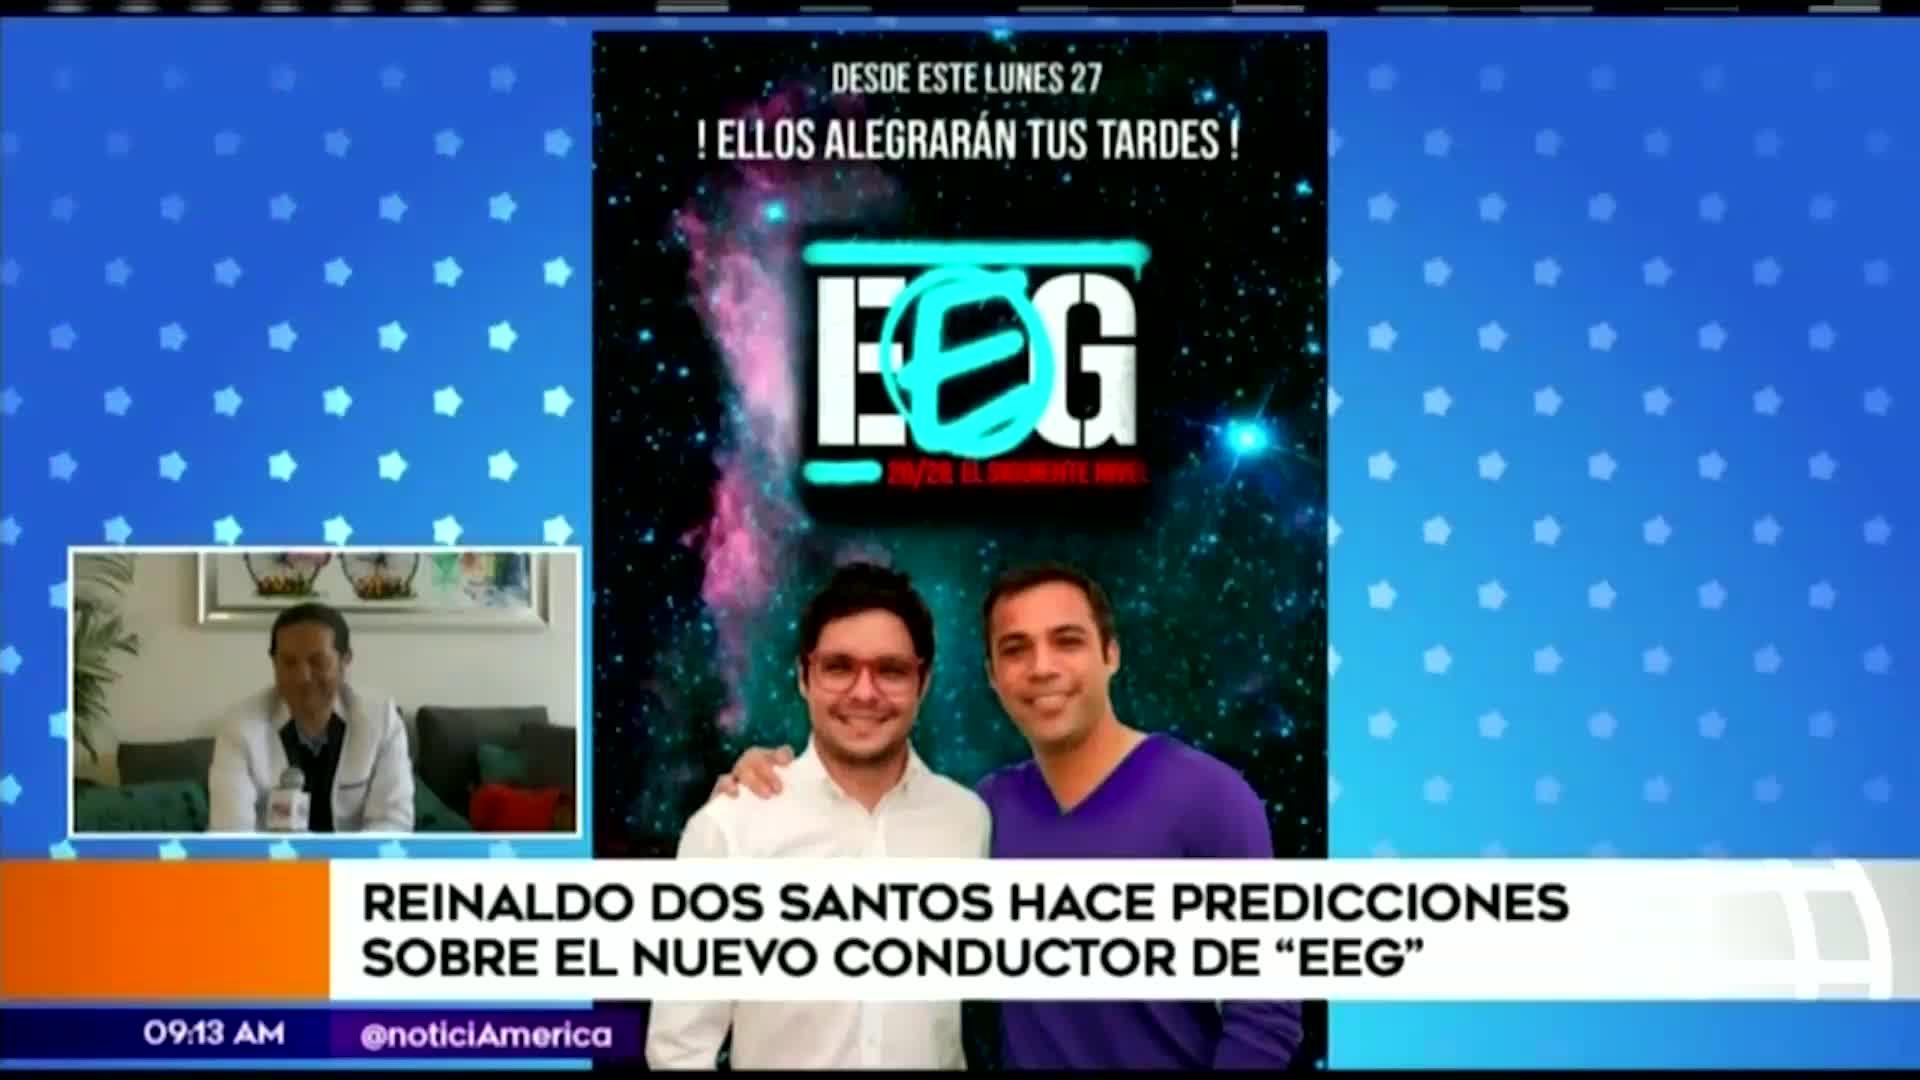 EEG: Reinaldo Dos Santos hace predicciones sobre el nuevo conductor del reality